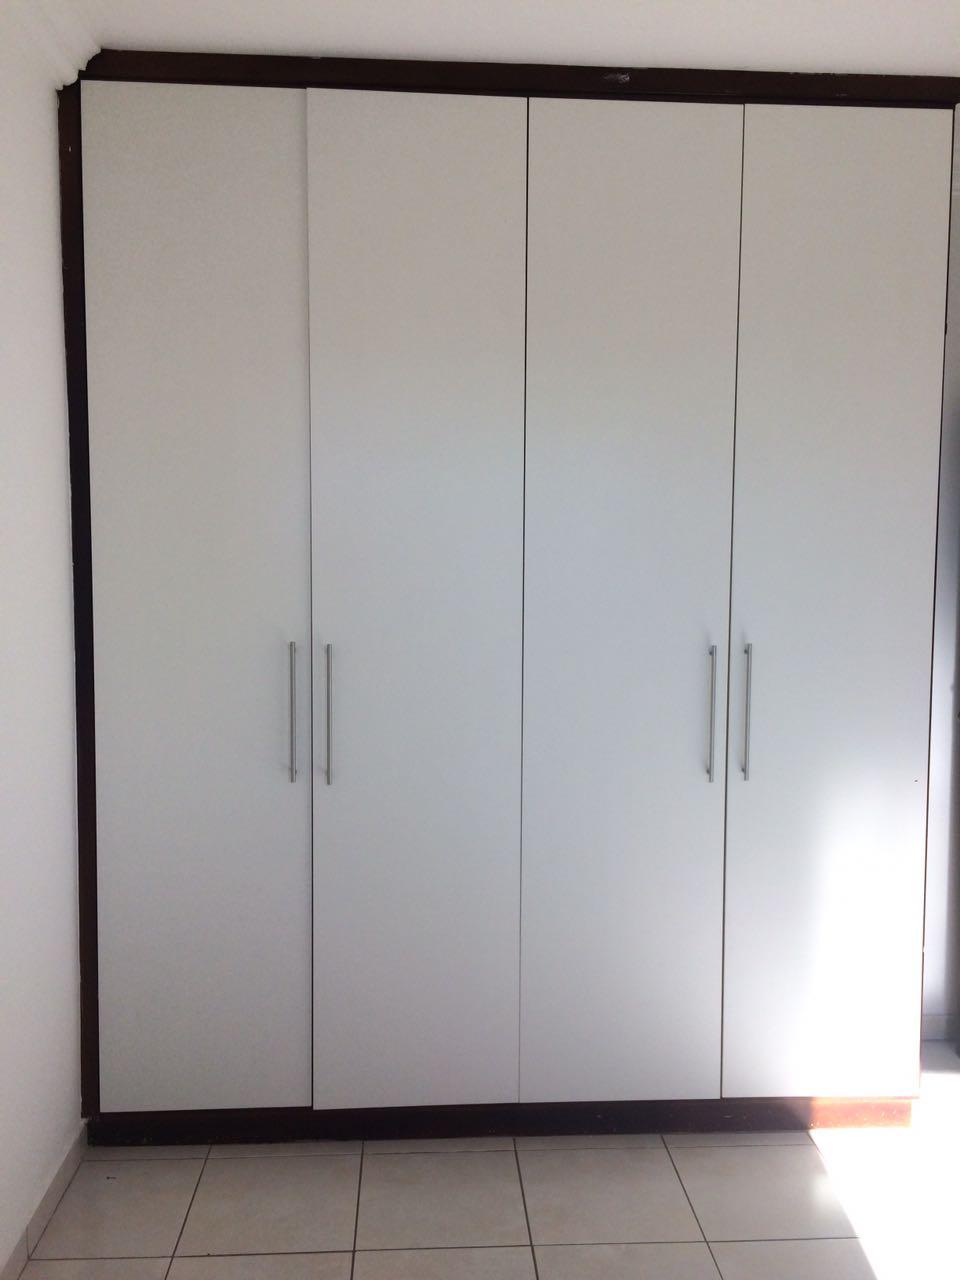 Apartamento  com 3 quartos sendo 1 Suíte no SANTA HELENA, Cuiabá  - MT